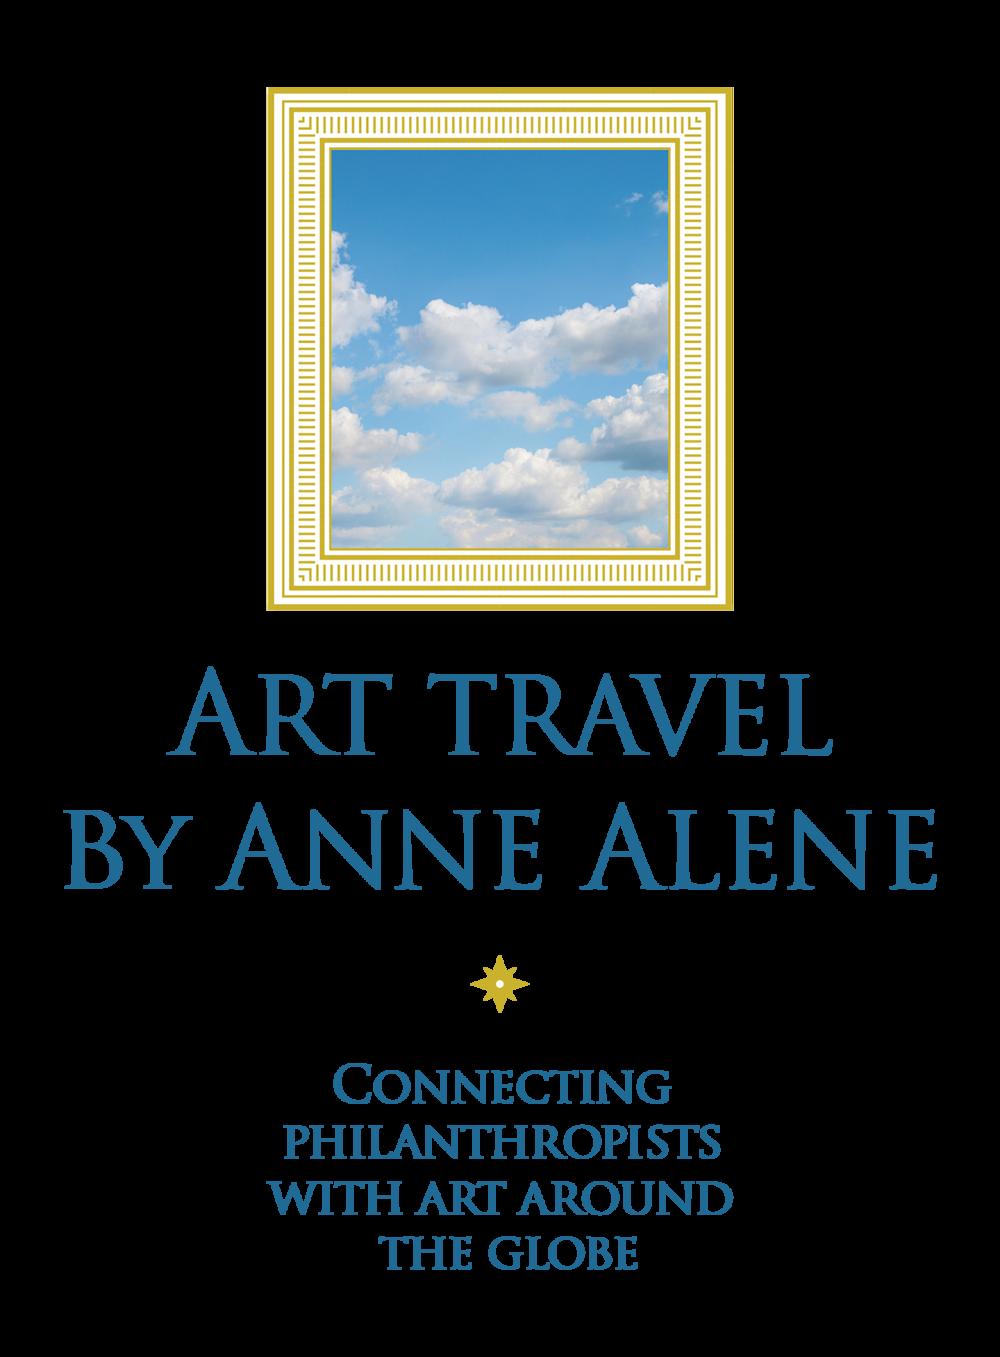 Ann Alene.png